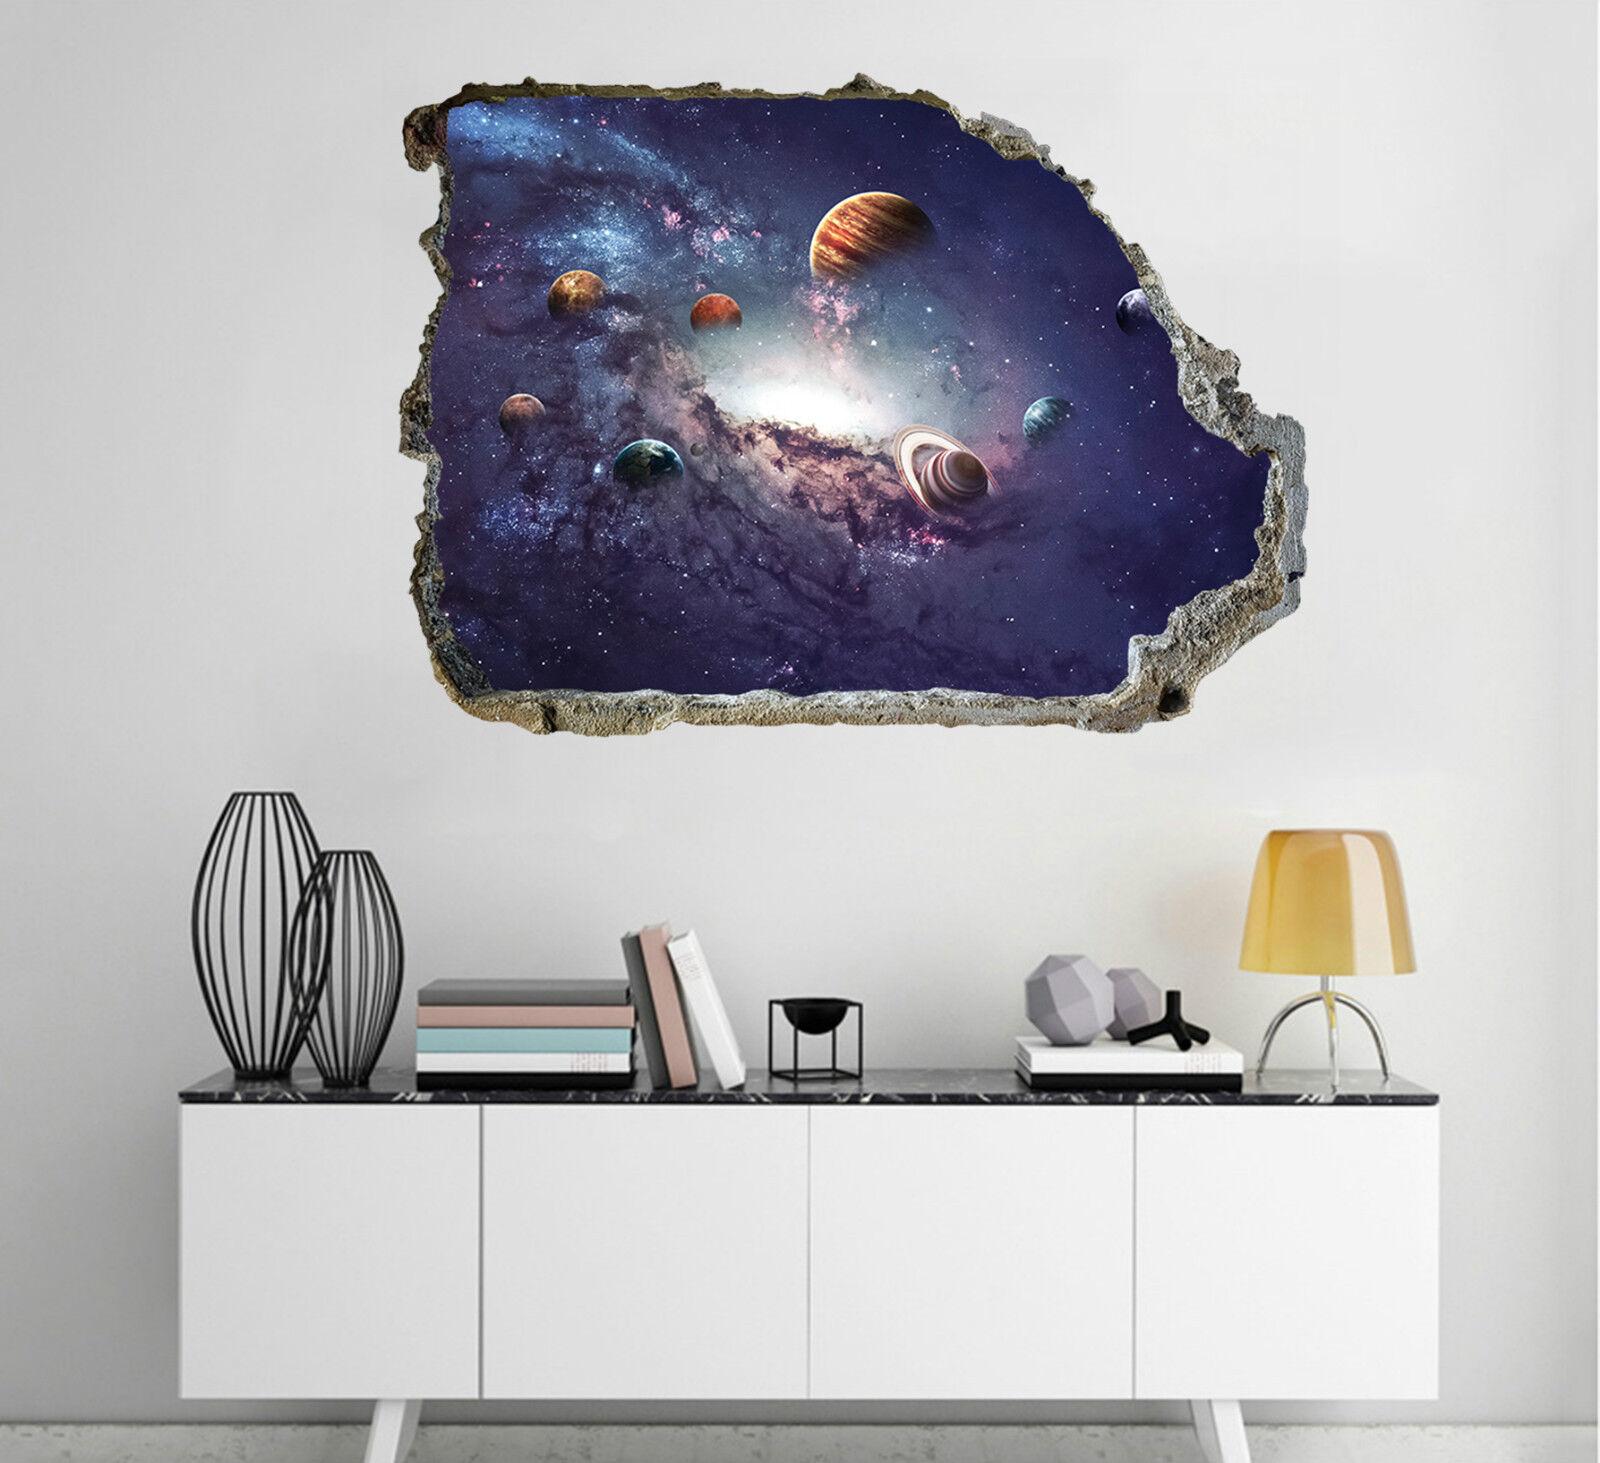 3D Stern Planet 53  Mauer Murals Aufklebe Decal Durchbruch AJ WALLPAPER DE Lemon